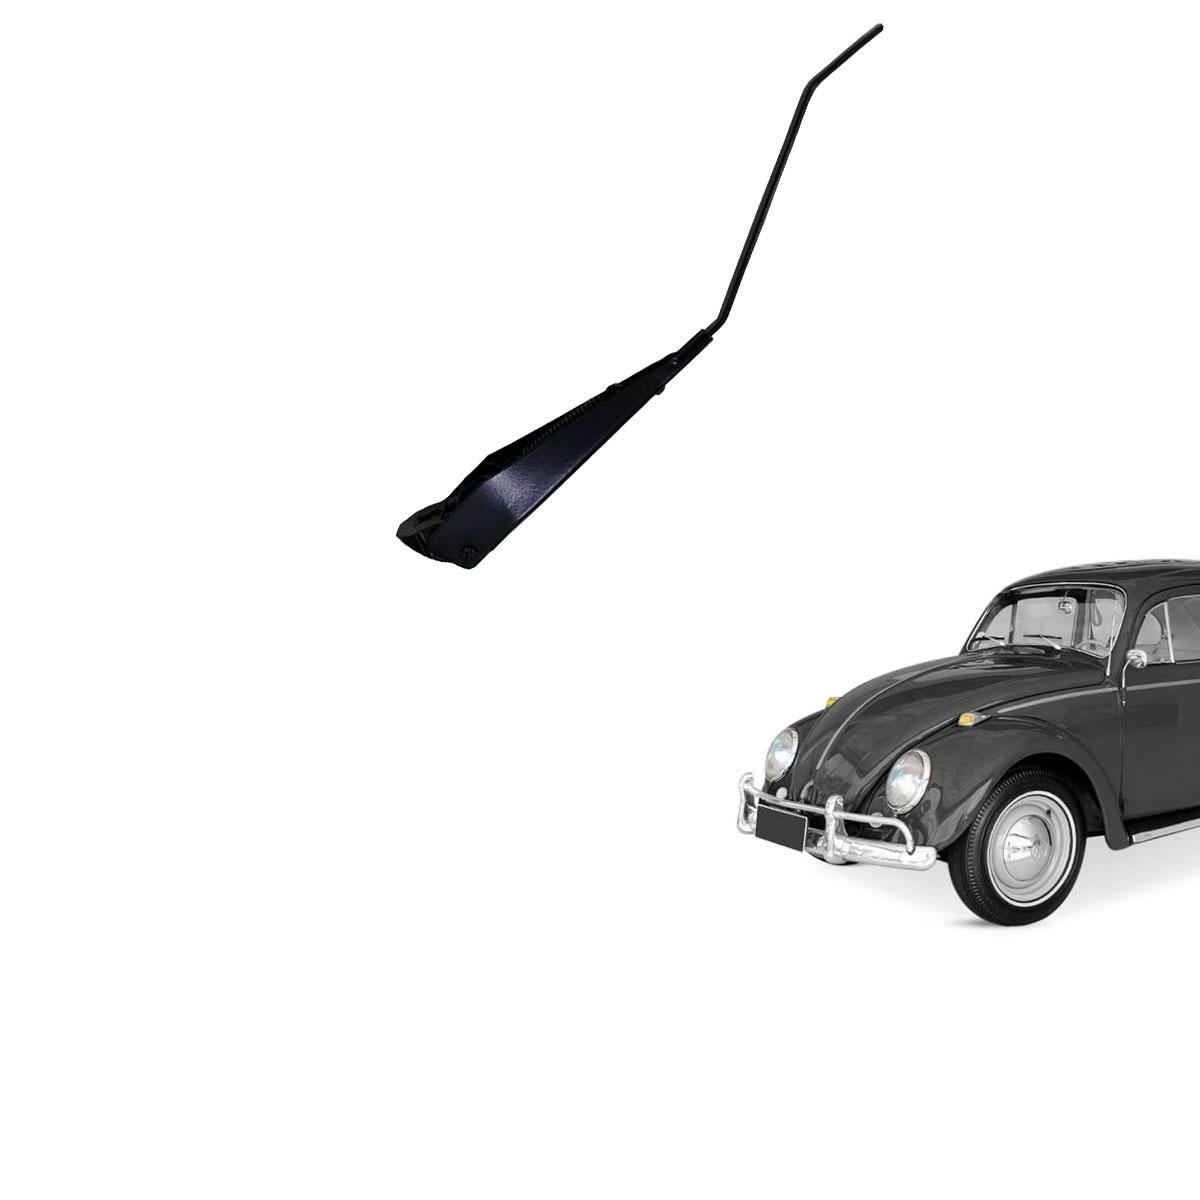 Braço Limpador FUSCA - 1959 Até 1966 - Pallheta com Parafuso